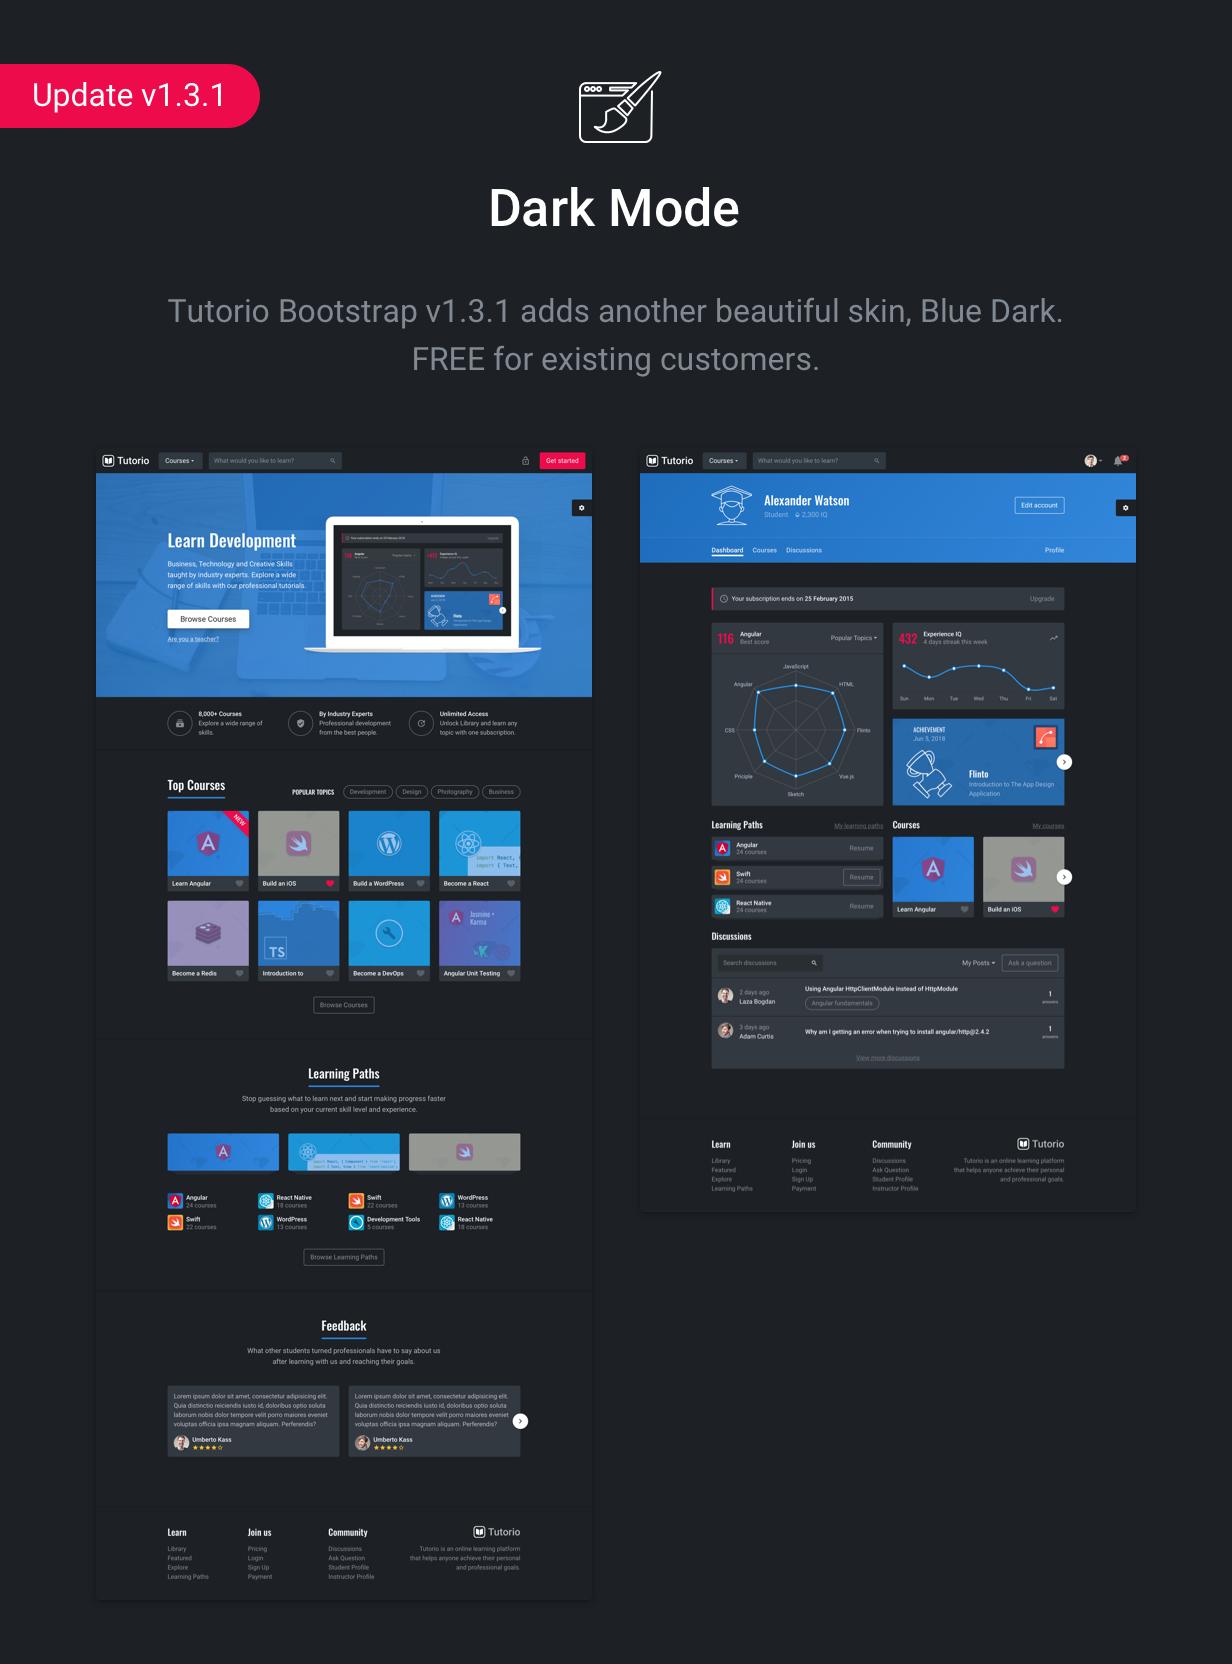 Tutorio Bootstrap v1.3.1 - Dark Mode